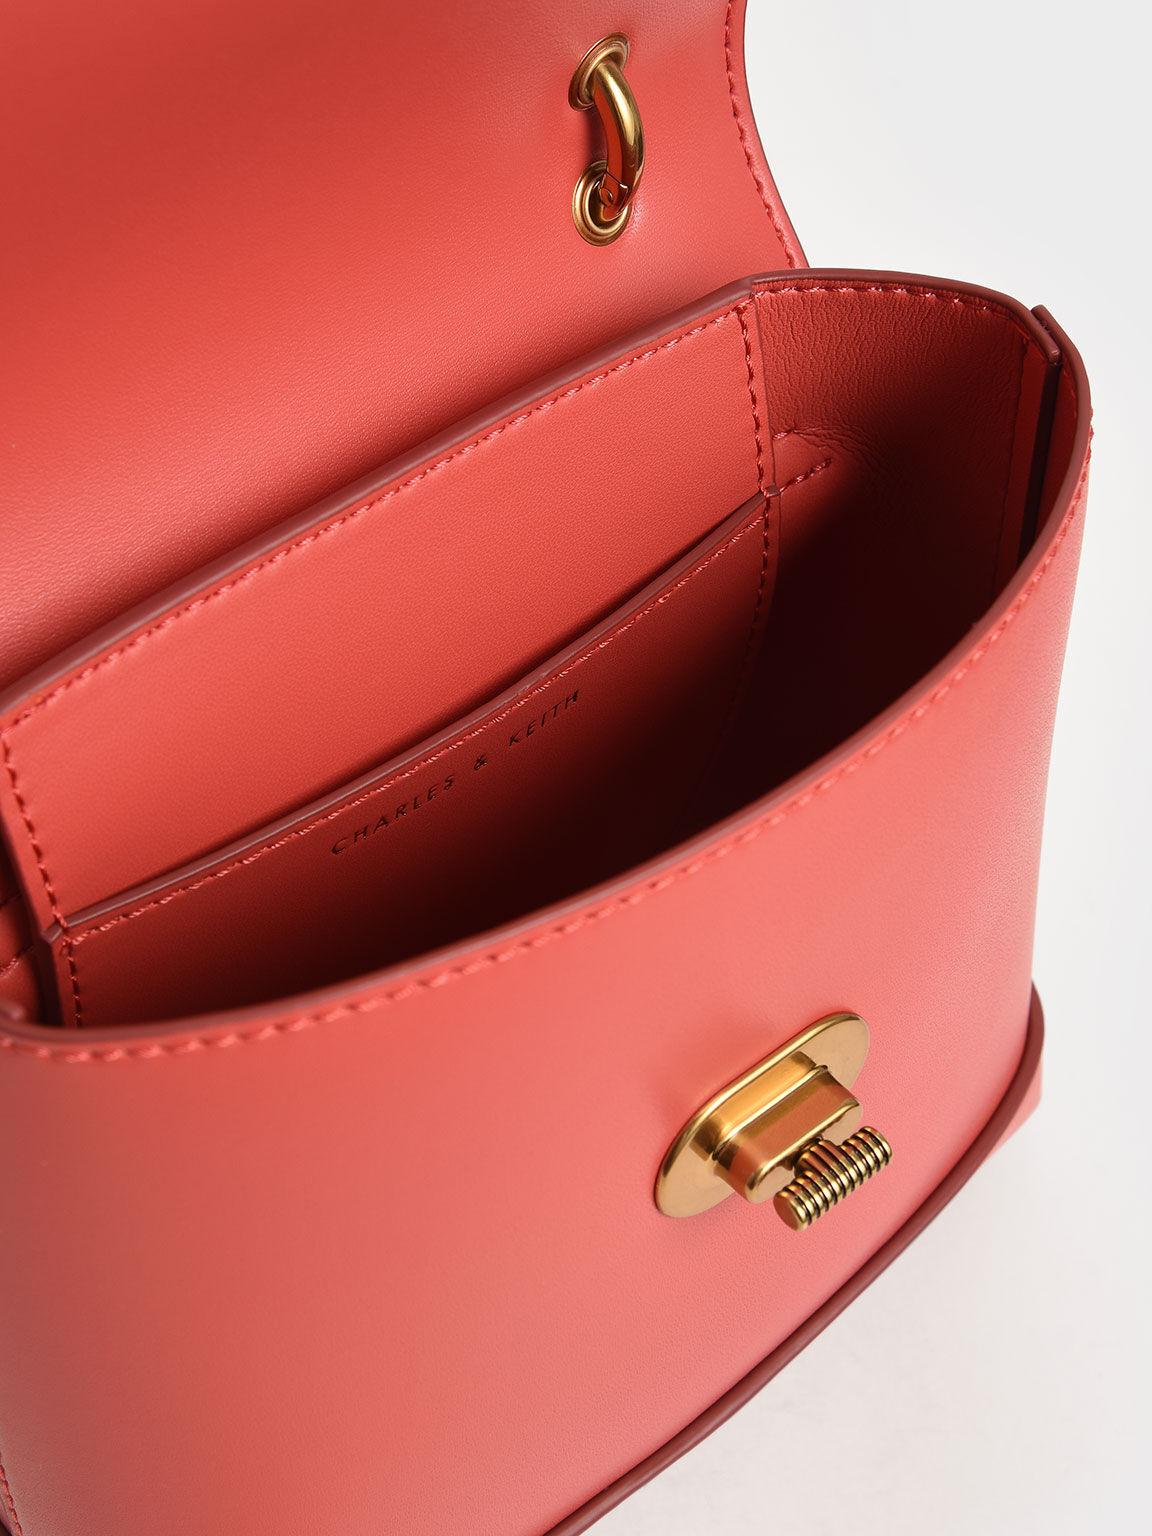 復古轉釦手提包, 珊瑚色, hi-res